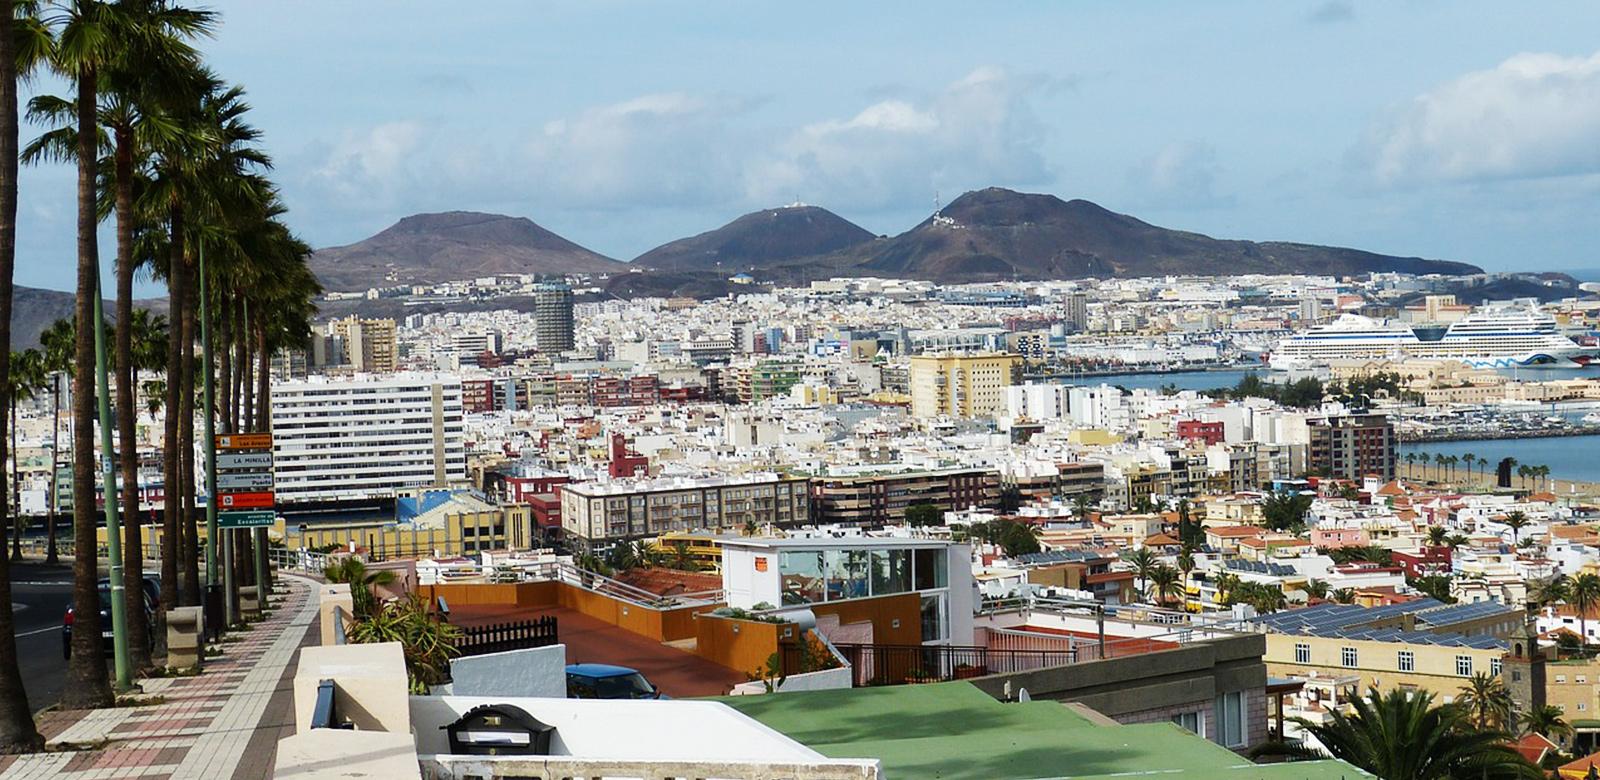 Landvetter Parkering • Las Palmas de Gran Canaria är den största staden på Gran Canaria och på Kanarieöarna i allmänhet